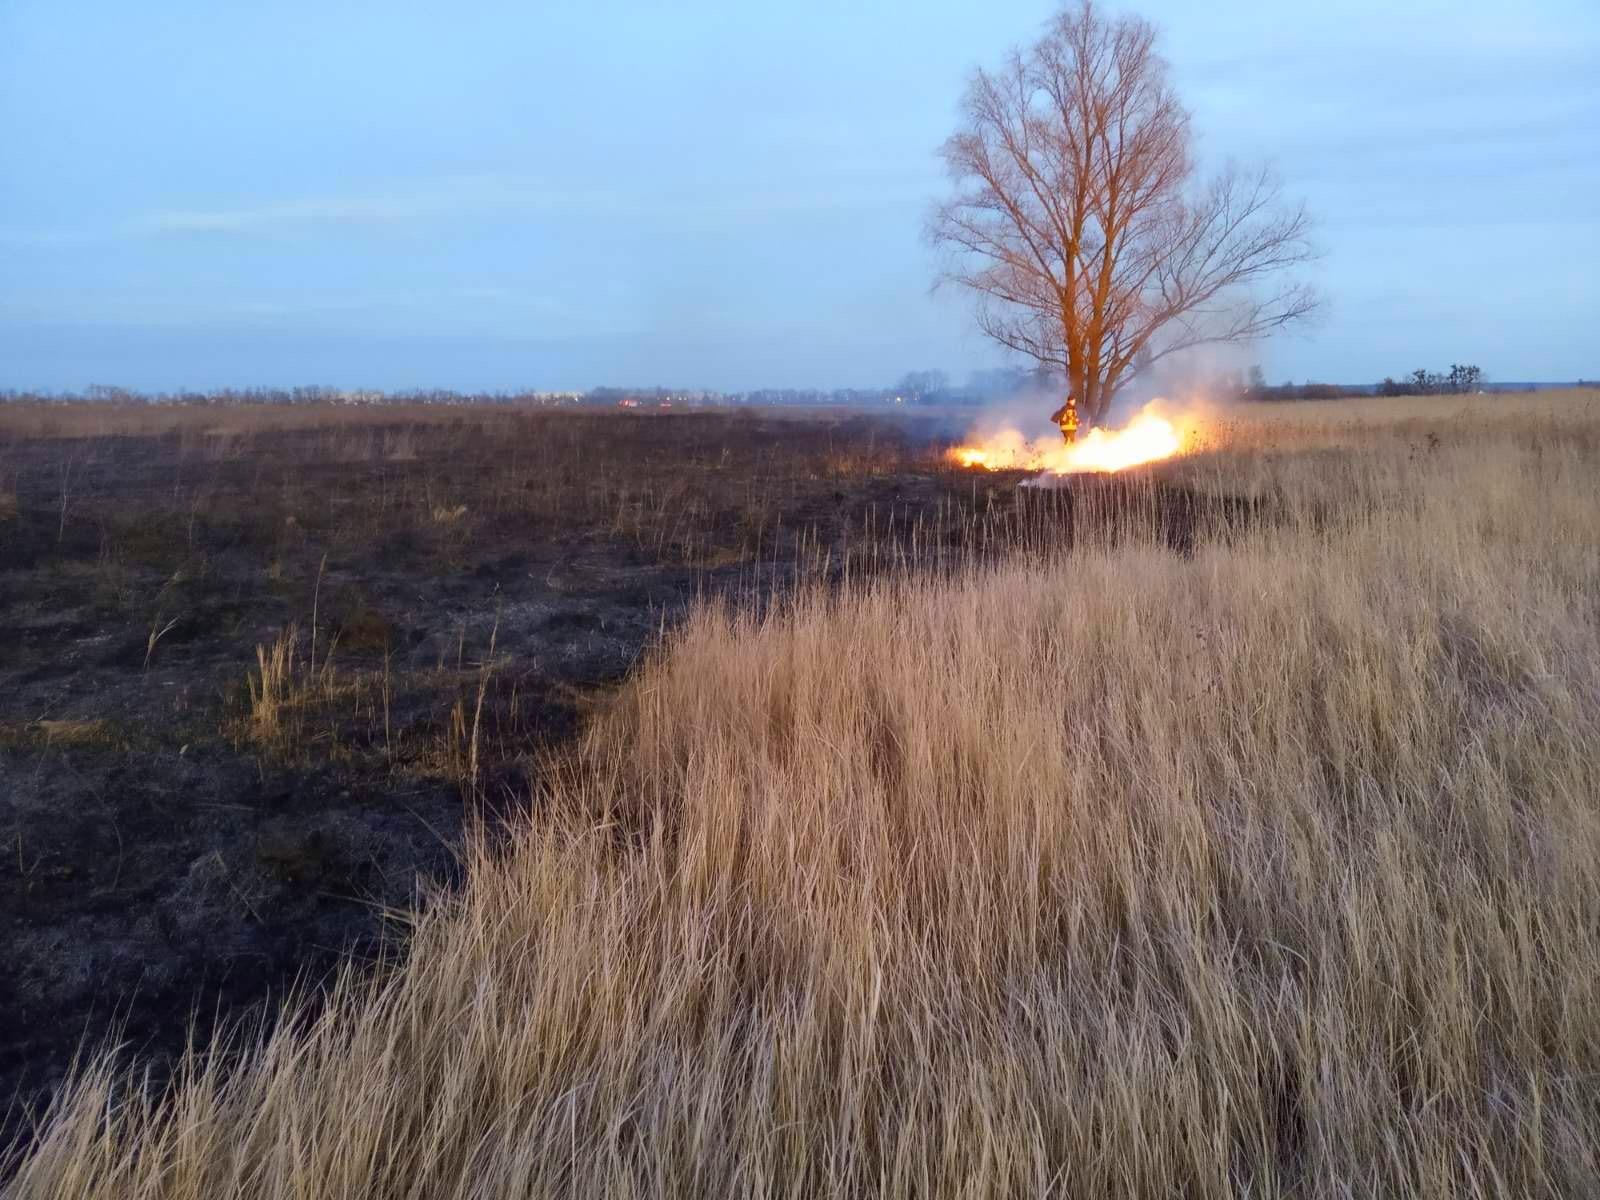 03-1 Безсніжна, тому й пожежна: на Київщині горіли гектари трав'яного настилу (ФОТО)